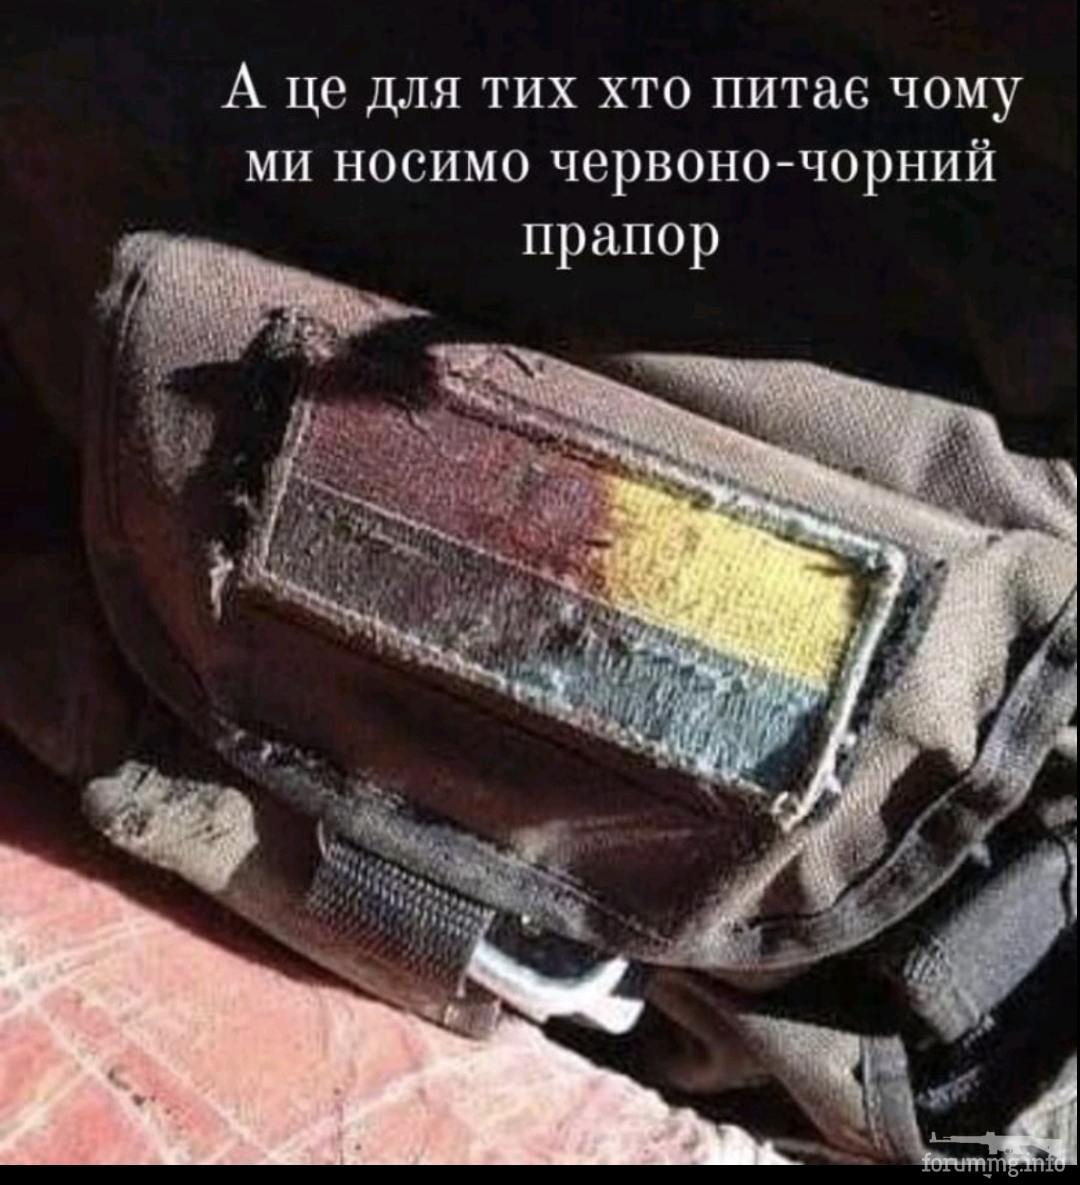 137724 - З Днем Державного Прапора України!